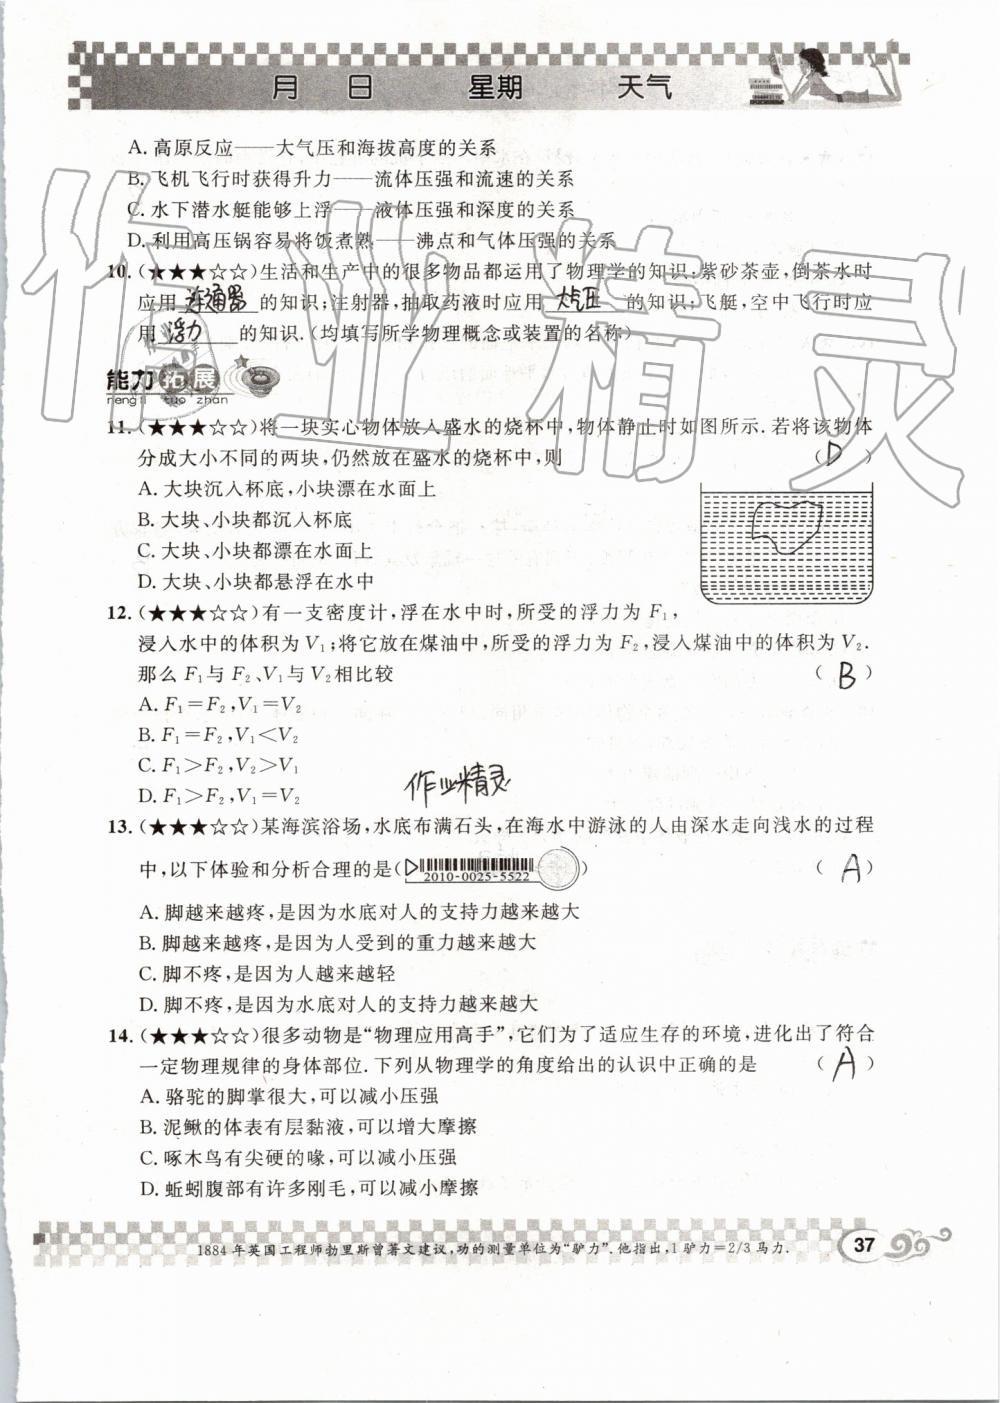 2019年长江暑假作业八年级物理崇文书局第37页